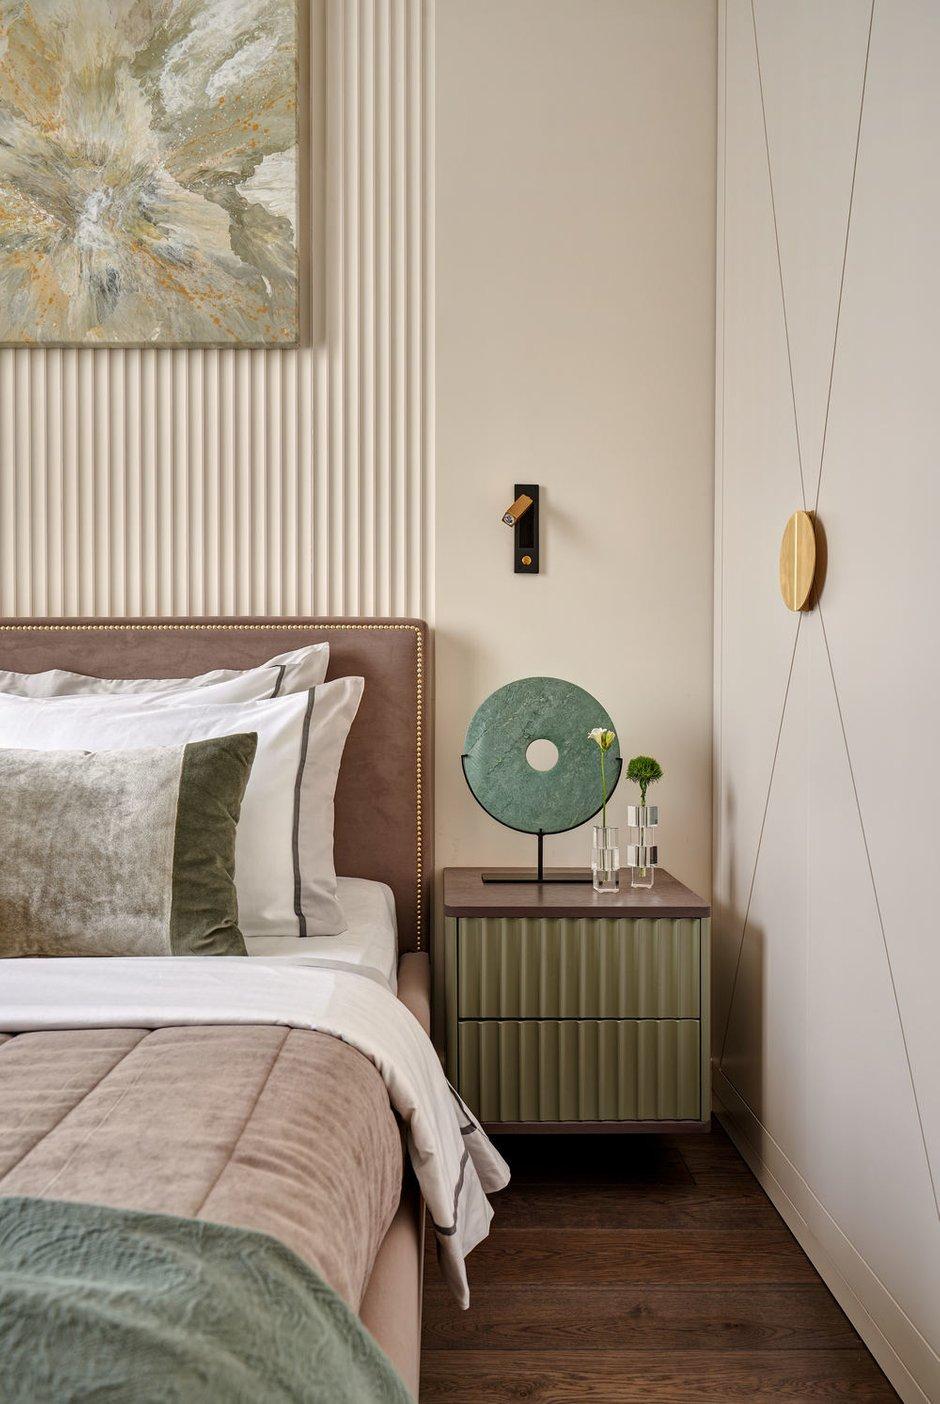 Фотография: Спальня в стиле Современный, Квартира, Проект недели, Москва, 3 комнаты, 60-90 метров, Алена Чмелева – фото на INMYROOM